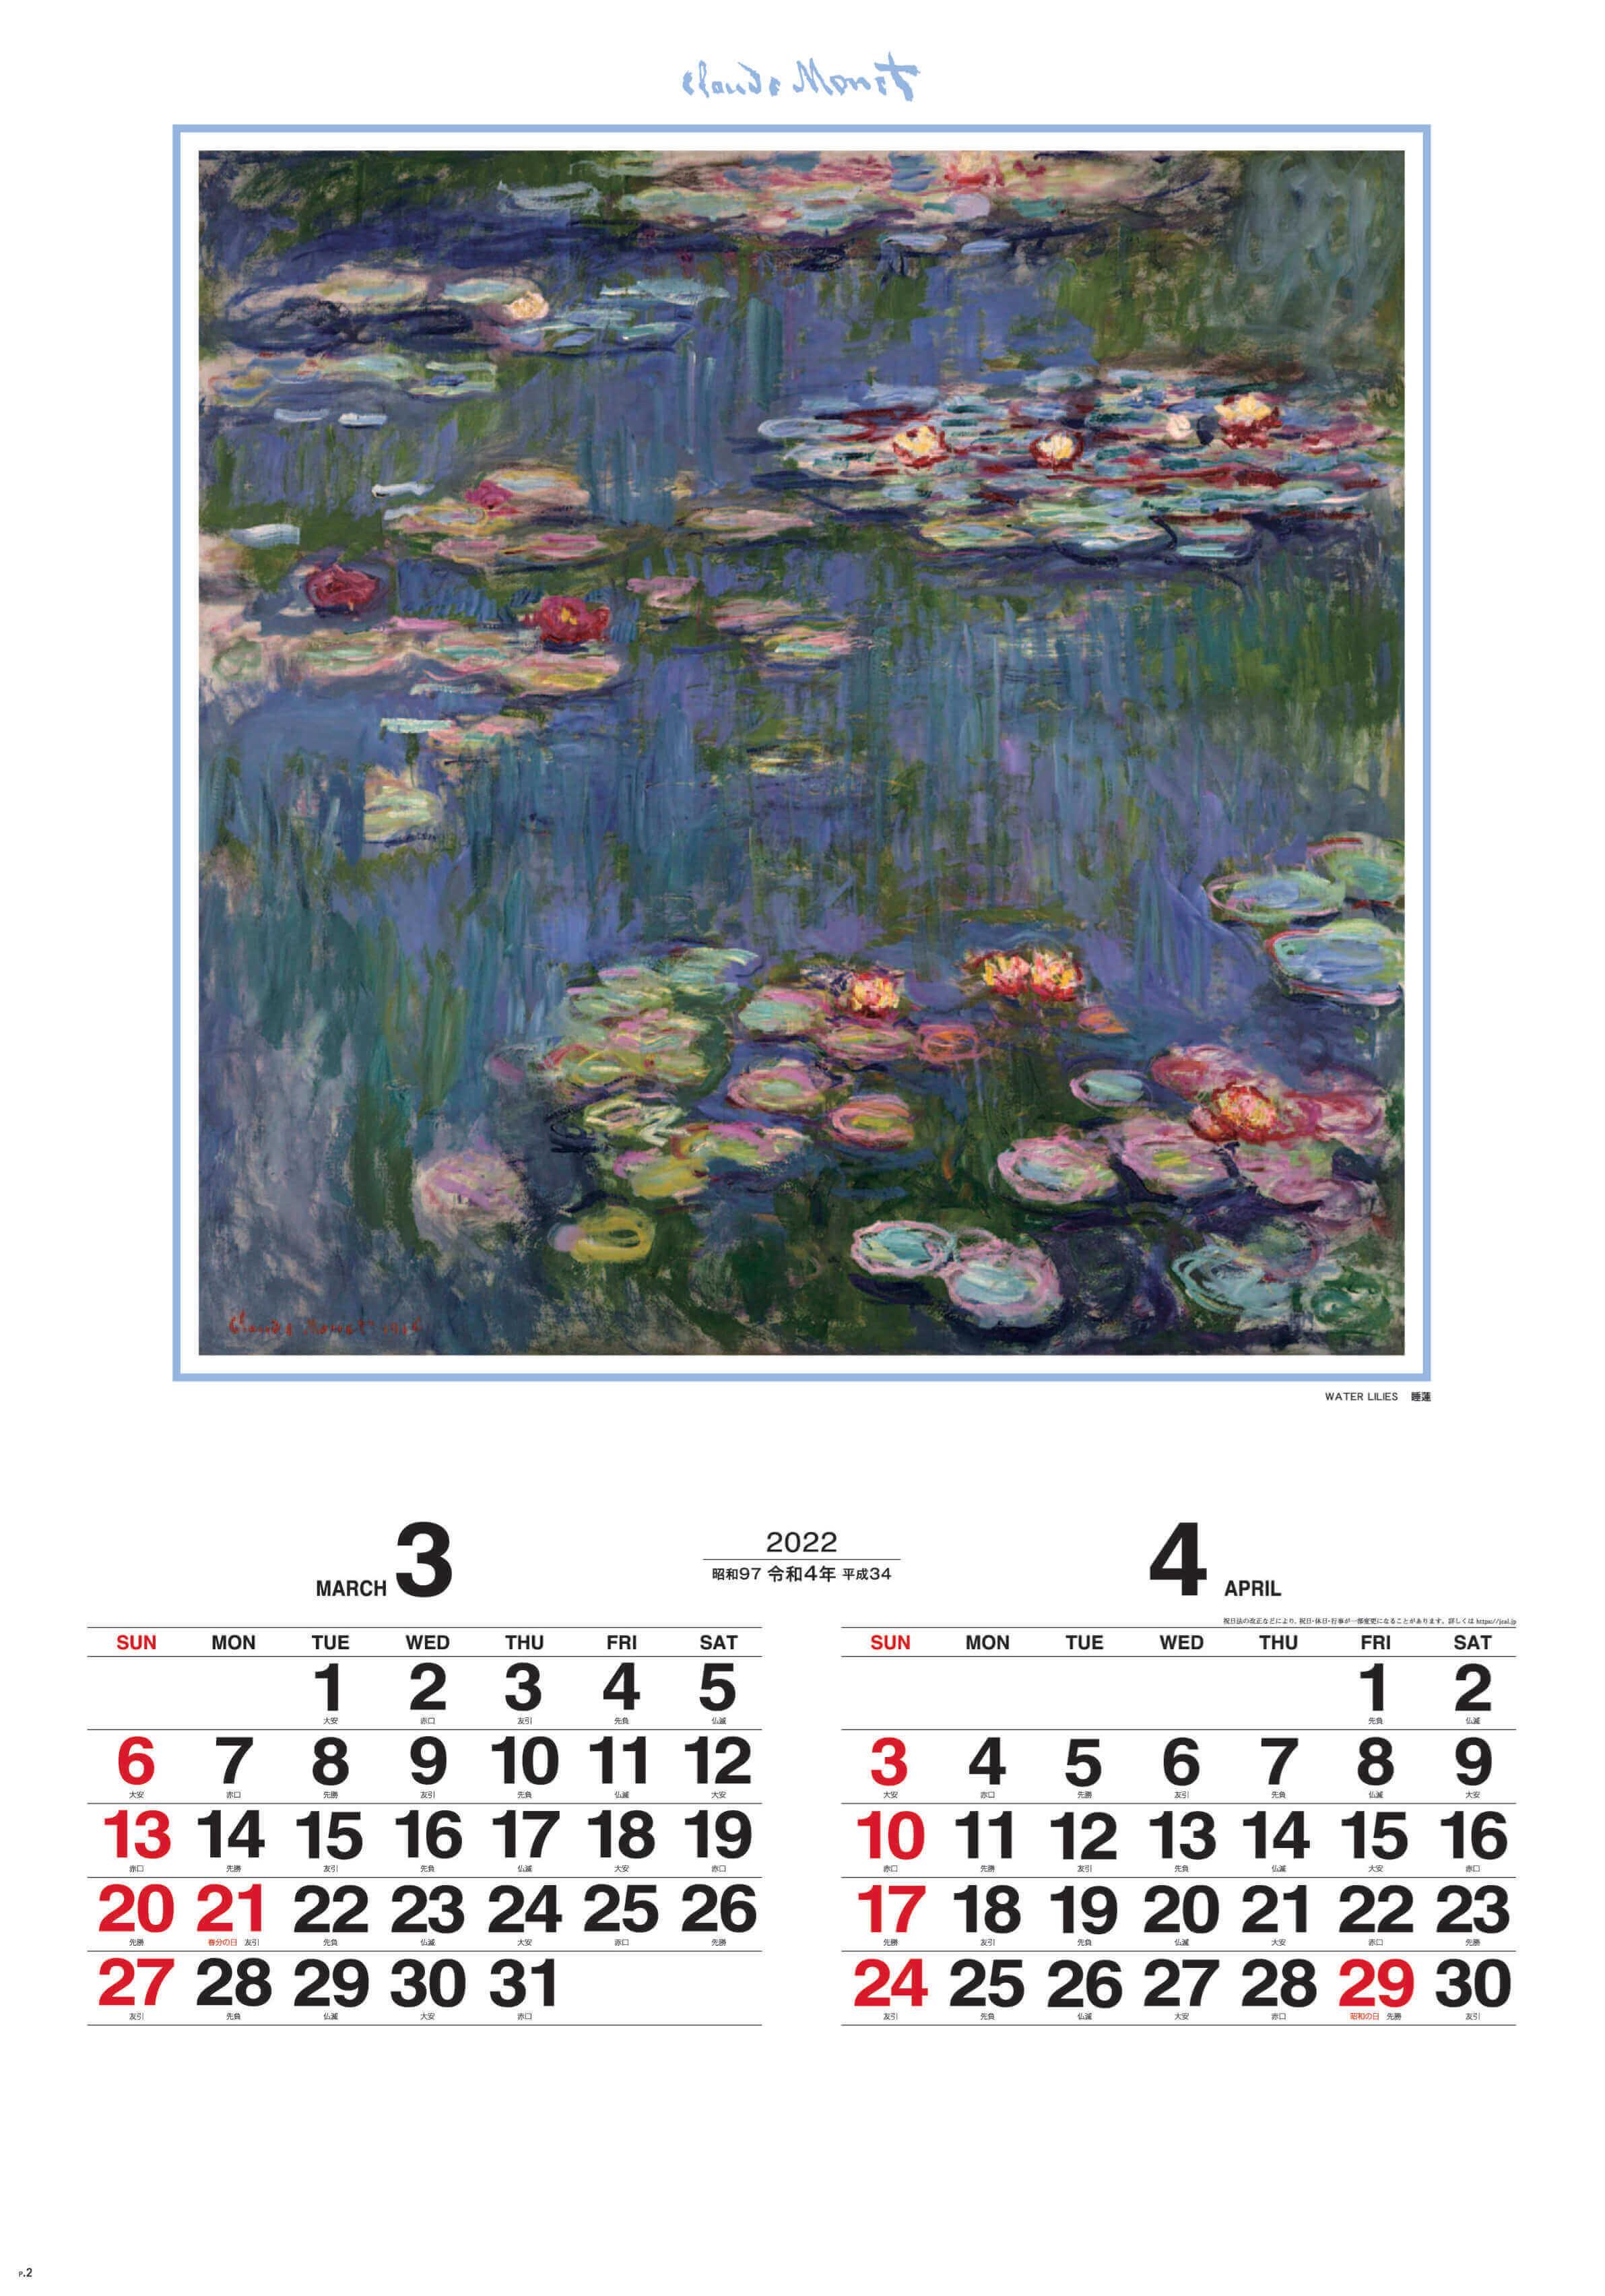 3-4月 睡蓮 モネ絵画集(フィルムカレンダー) 2022年カレンダーの画像